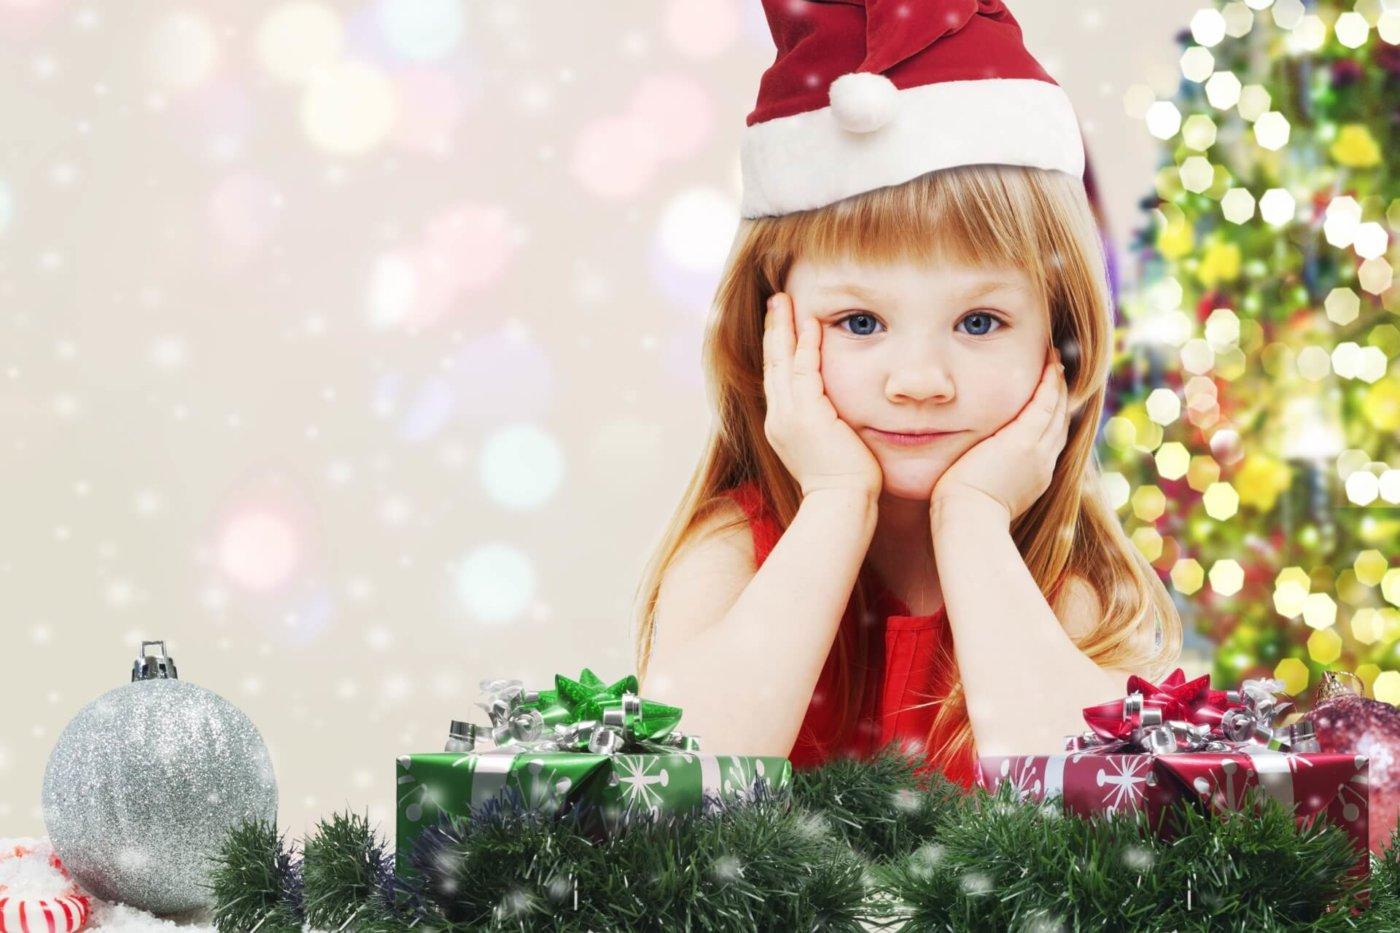 クリスマスの意味ってそもそも何?その由来や起源を徹底解説! | 調整さん